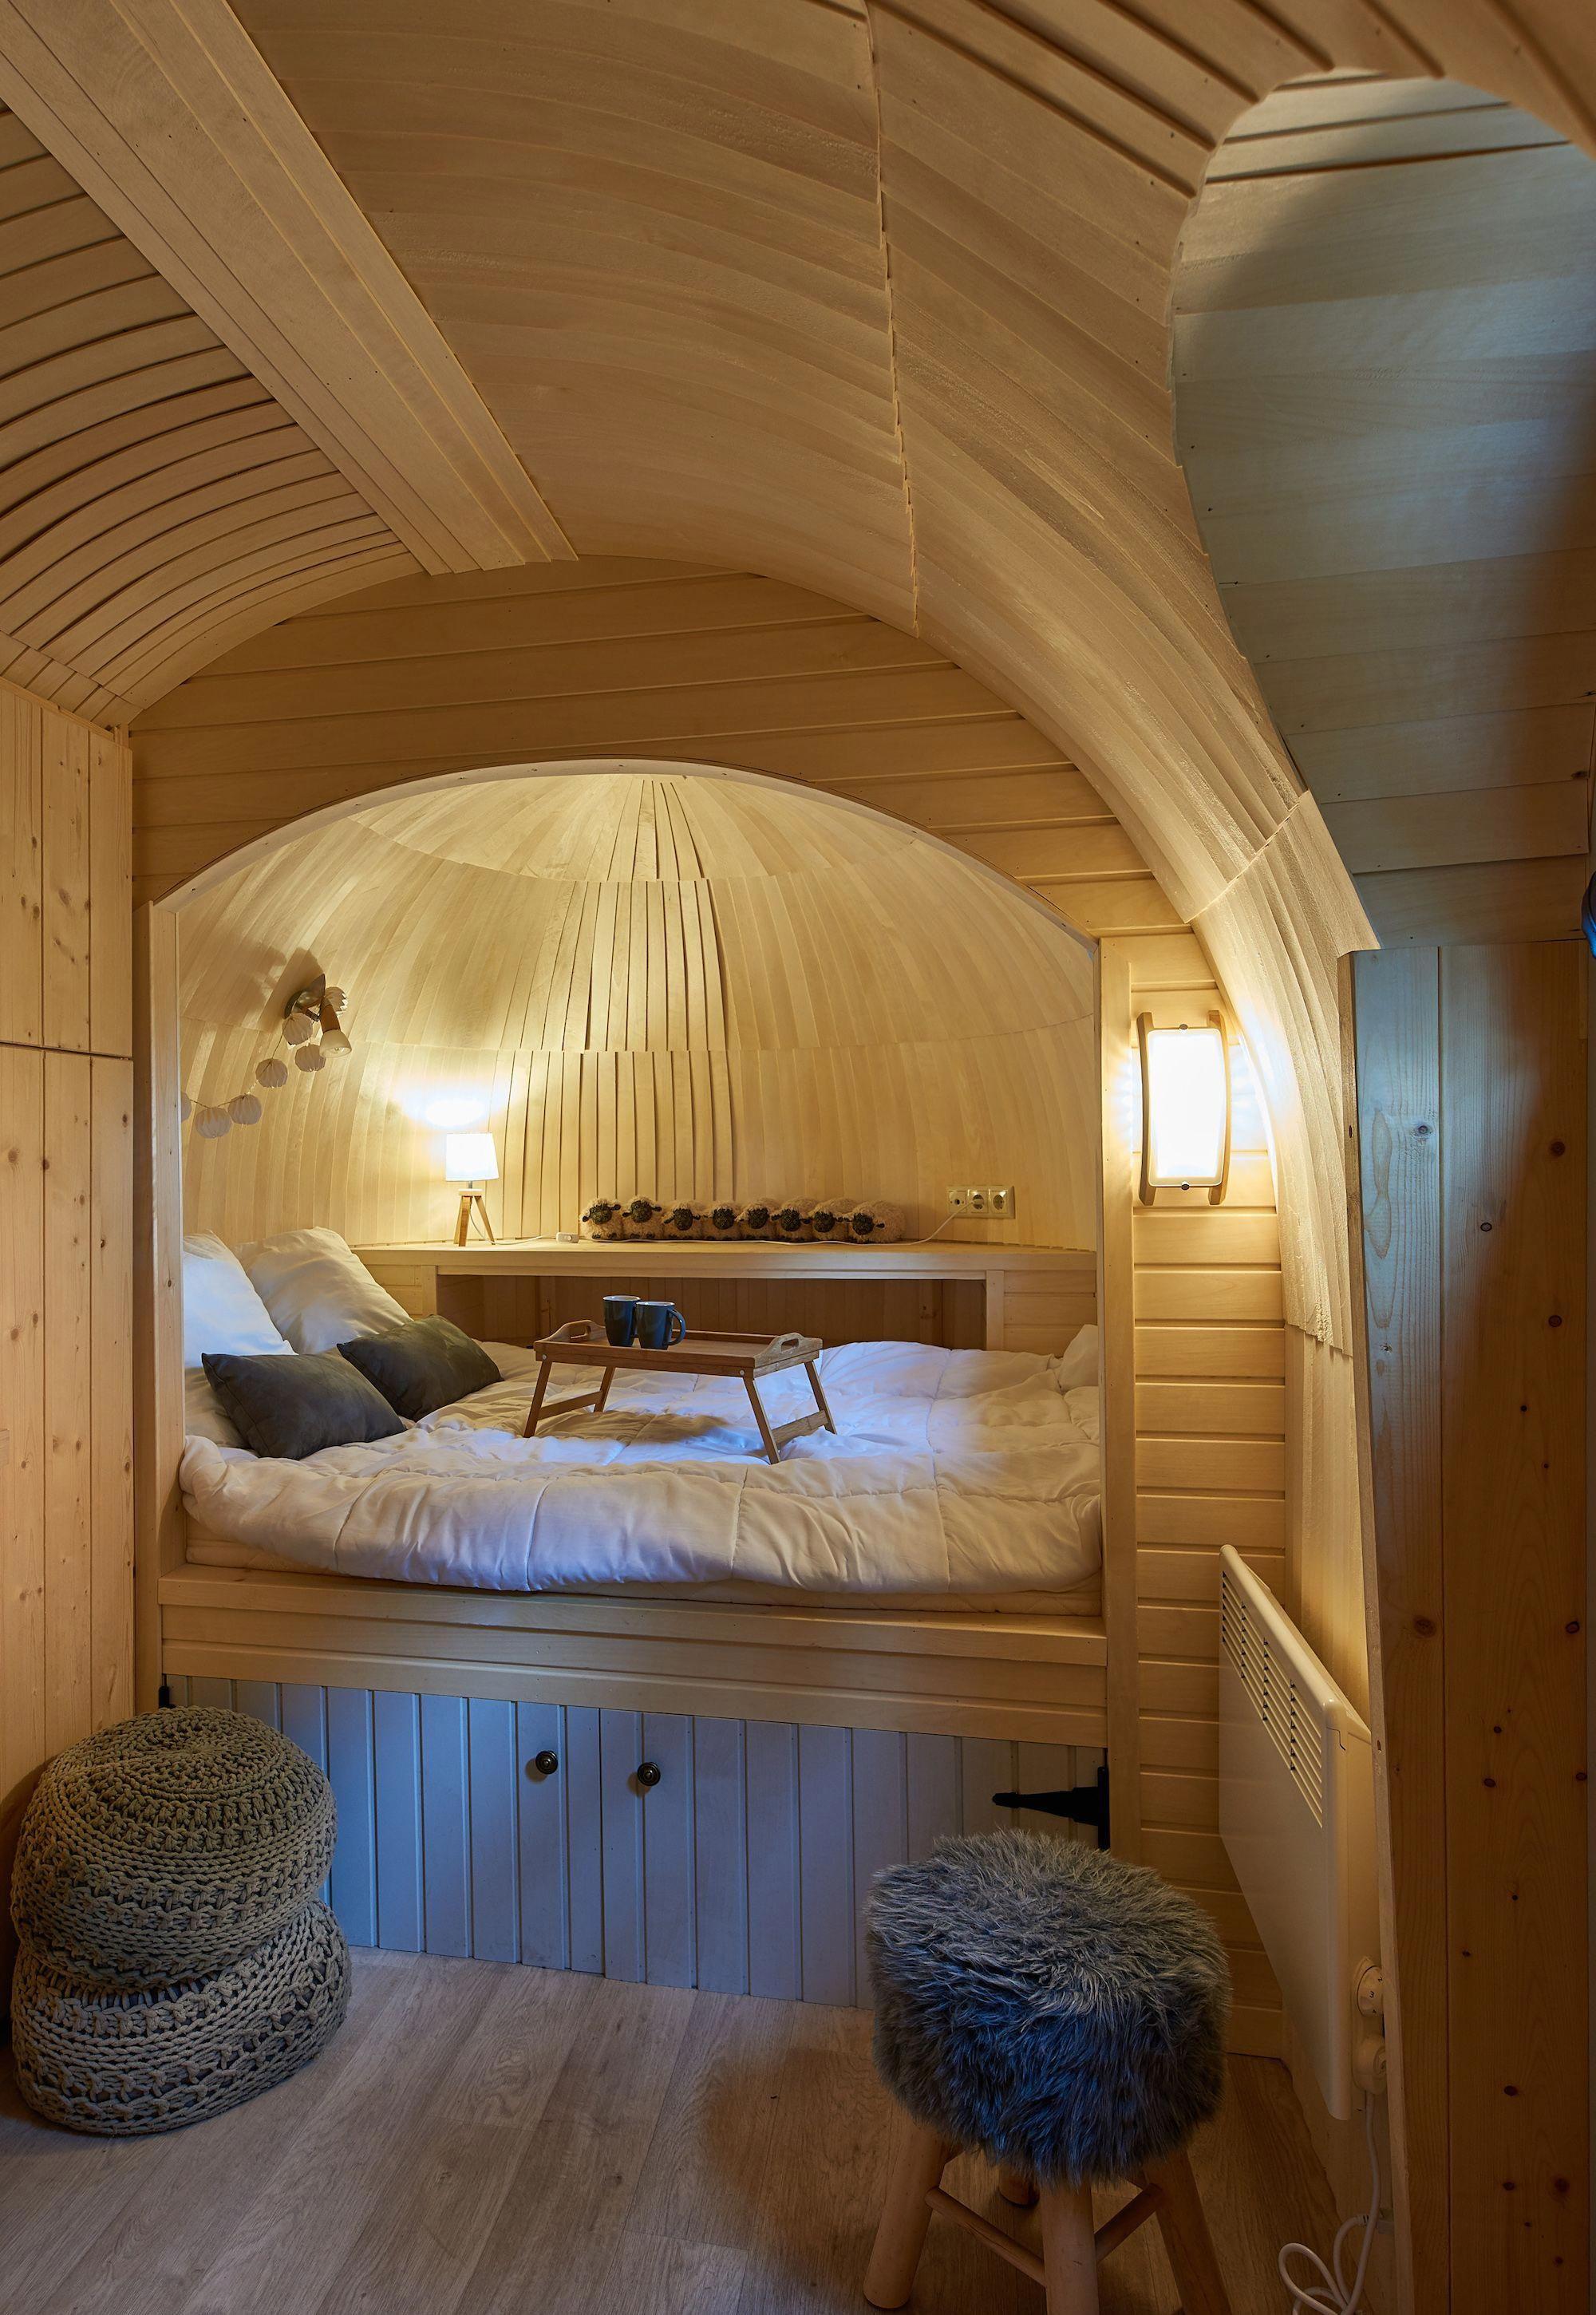 Une cabane dans la cabane ! Le lit se dissimule dans une alcôve pour ...